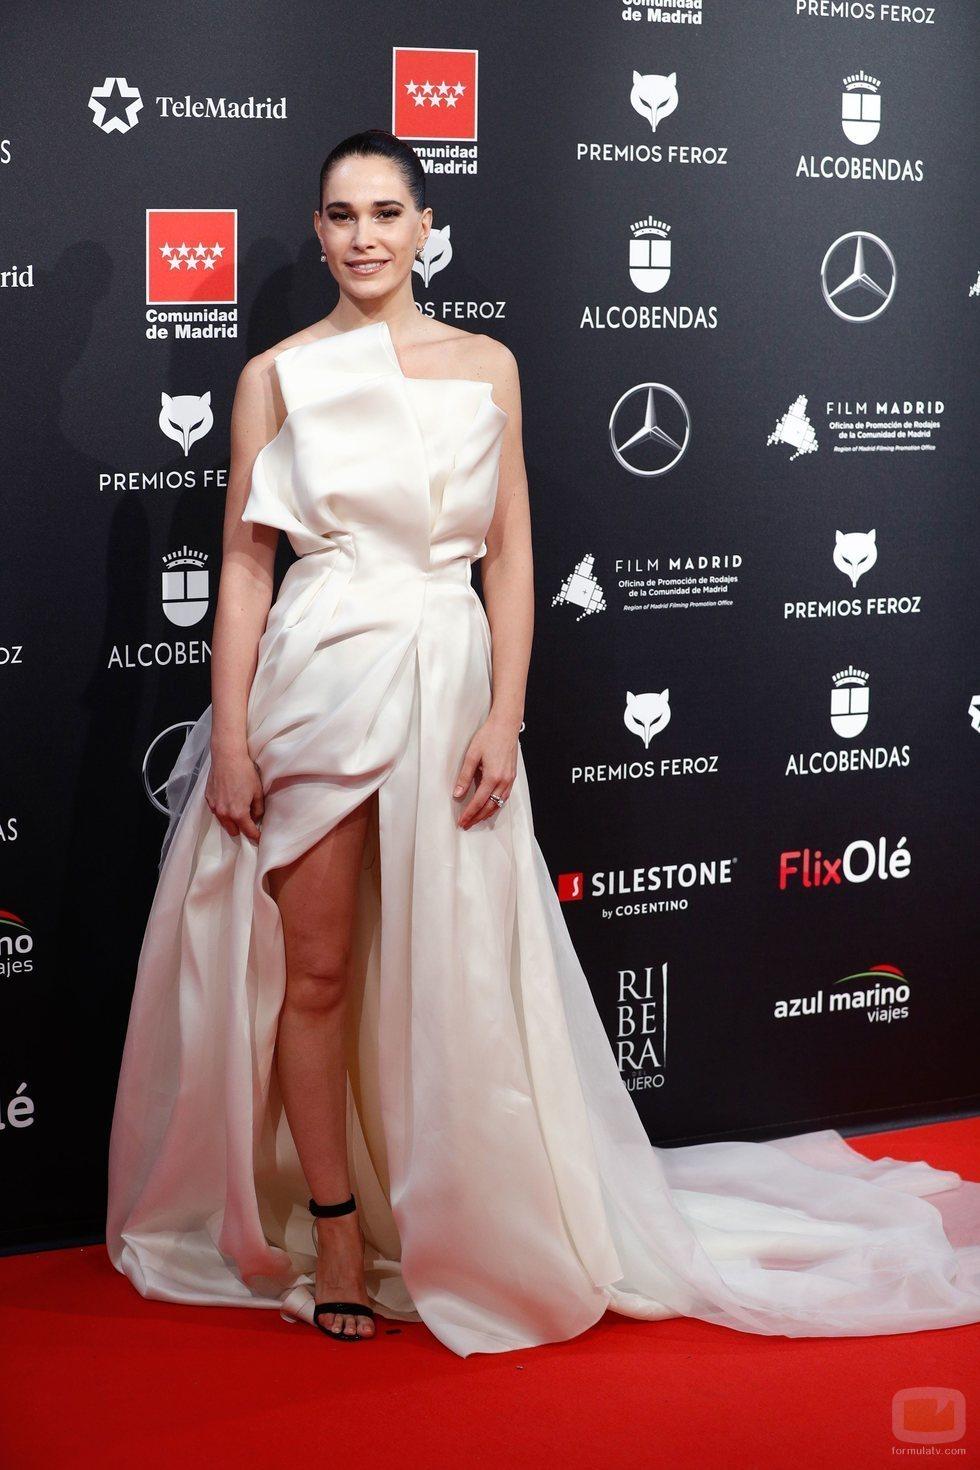 Celia Freijeiro en la alfombra roja de los Premios Feroz 2020